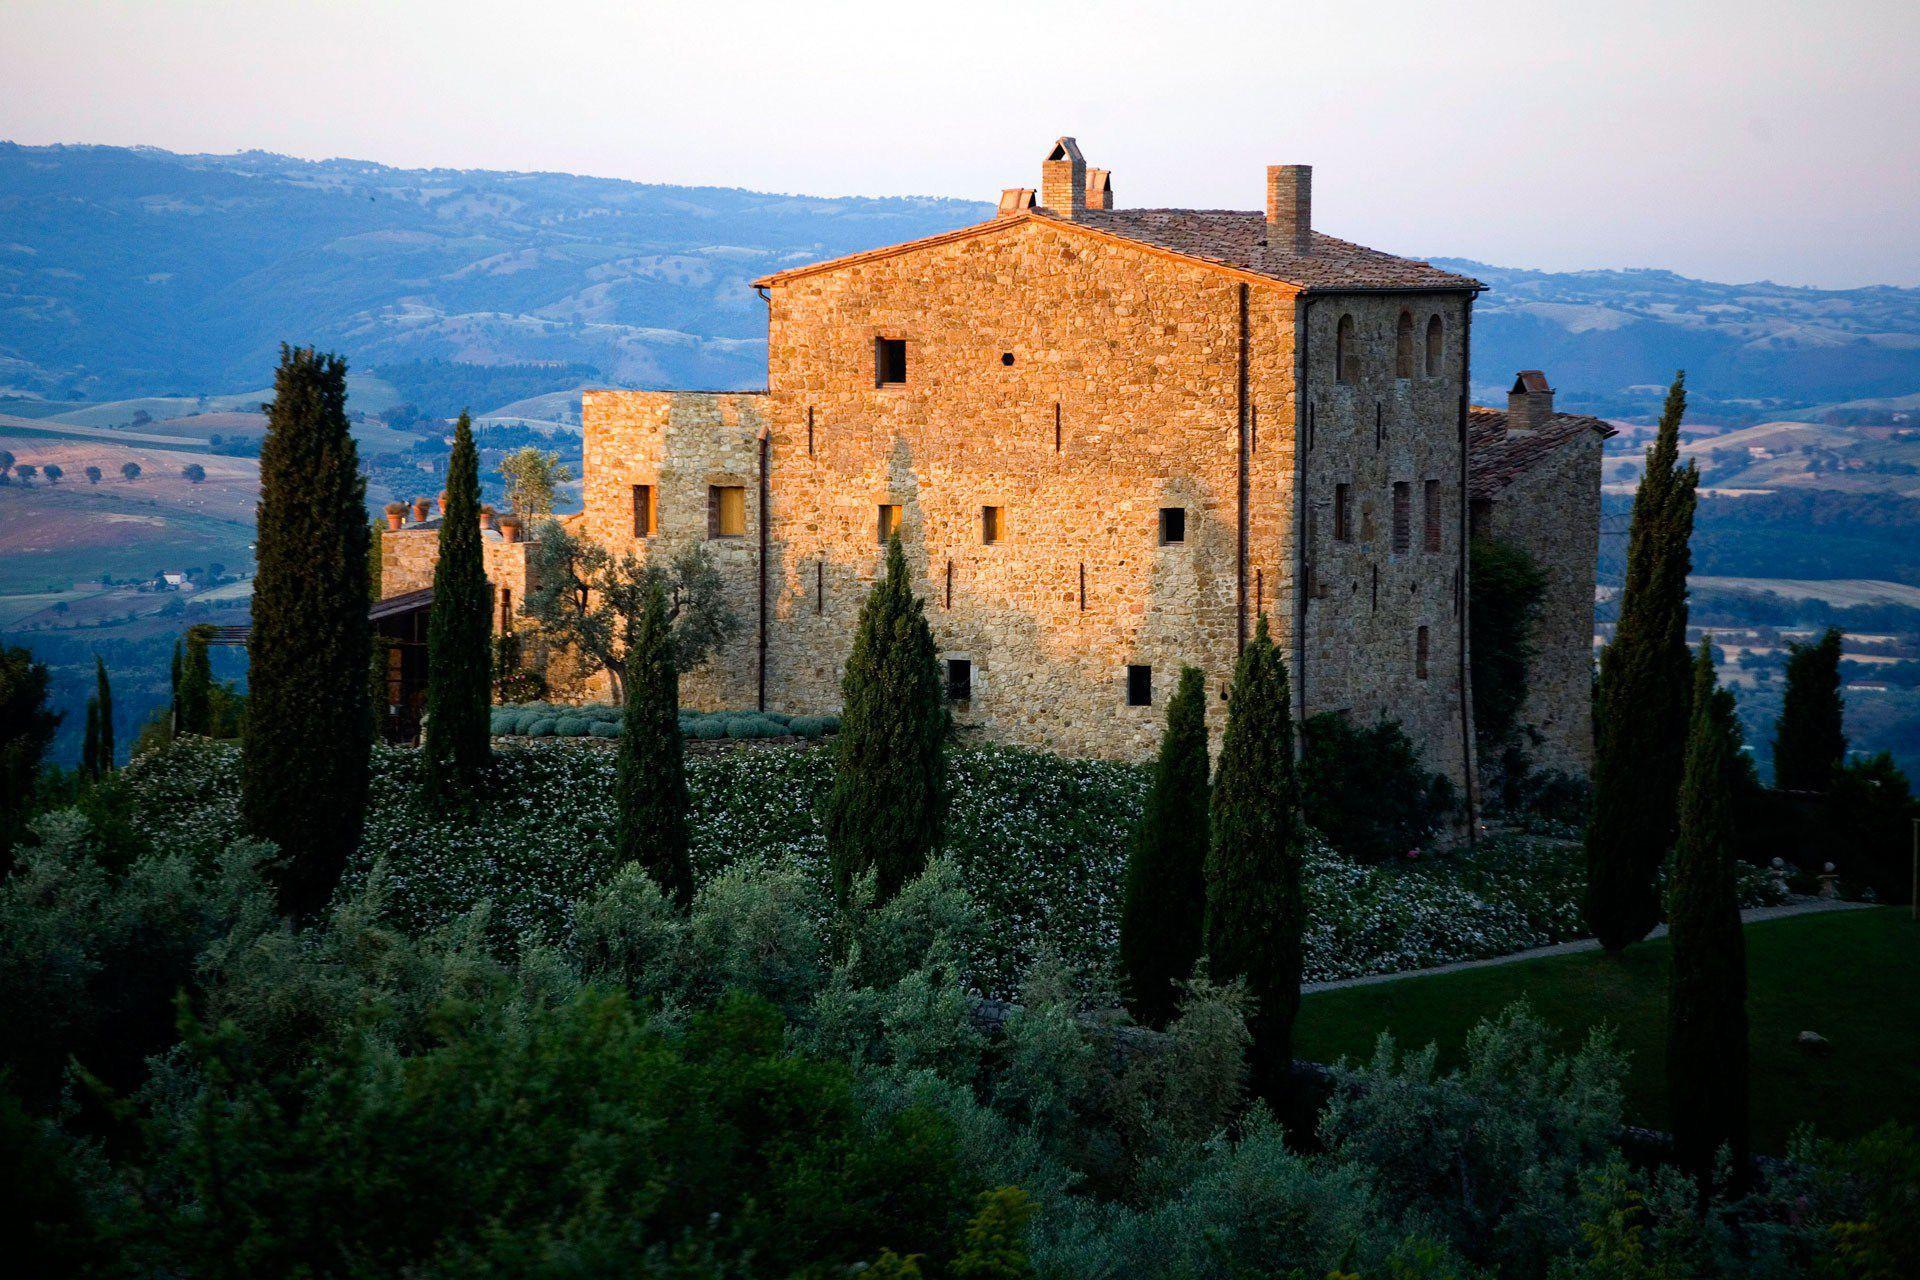 Tuscany Computer Wallpaper